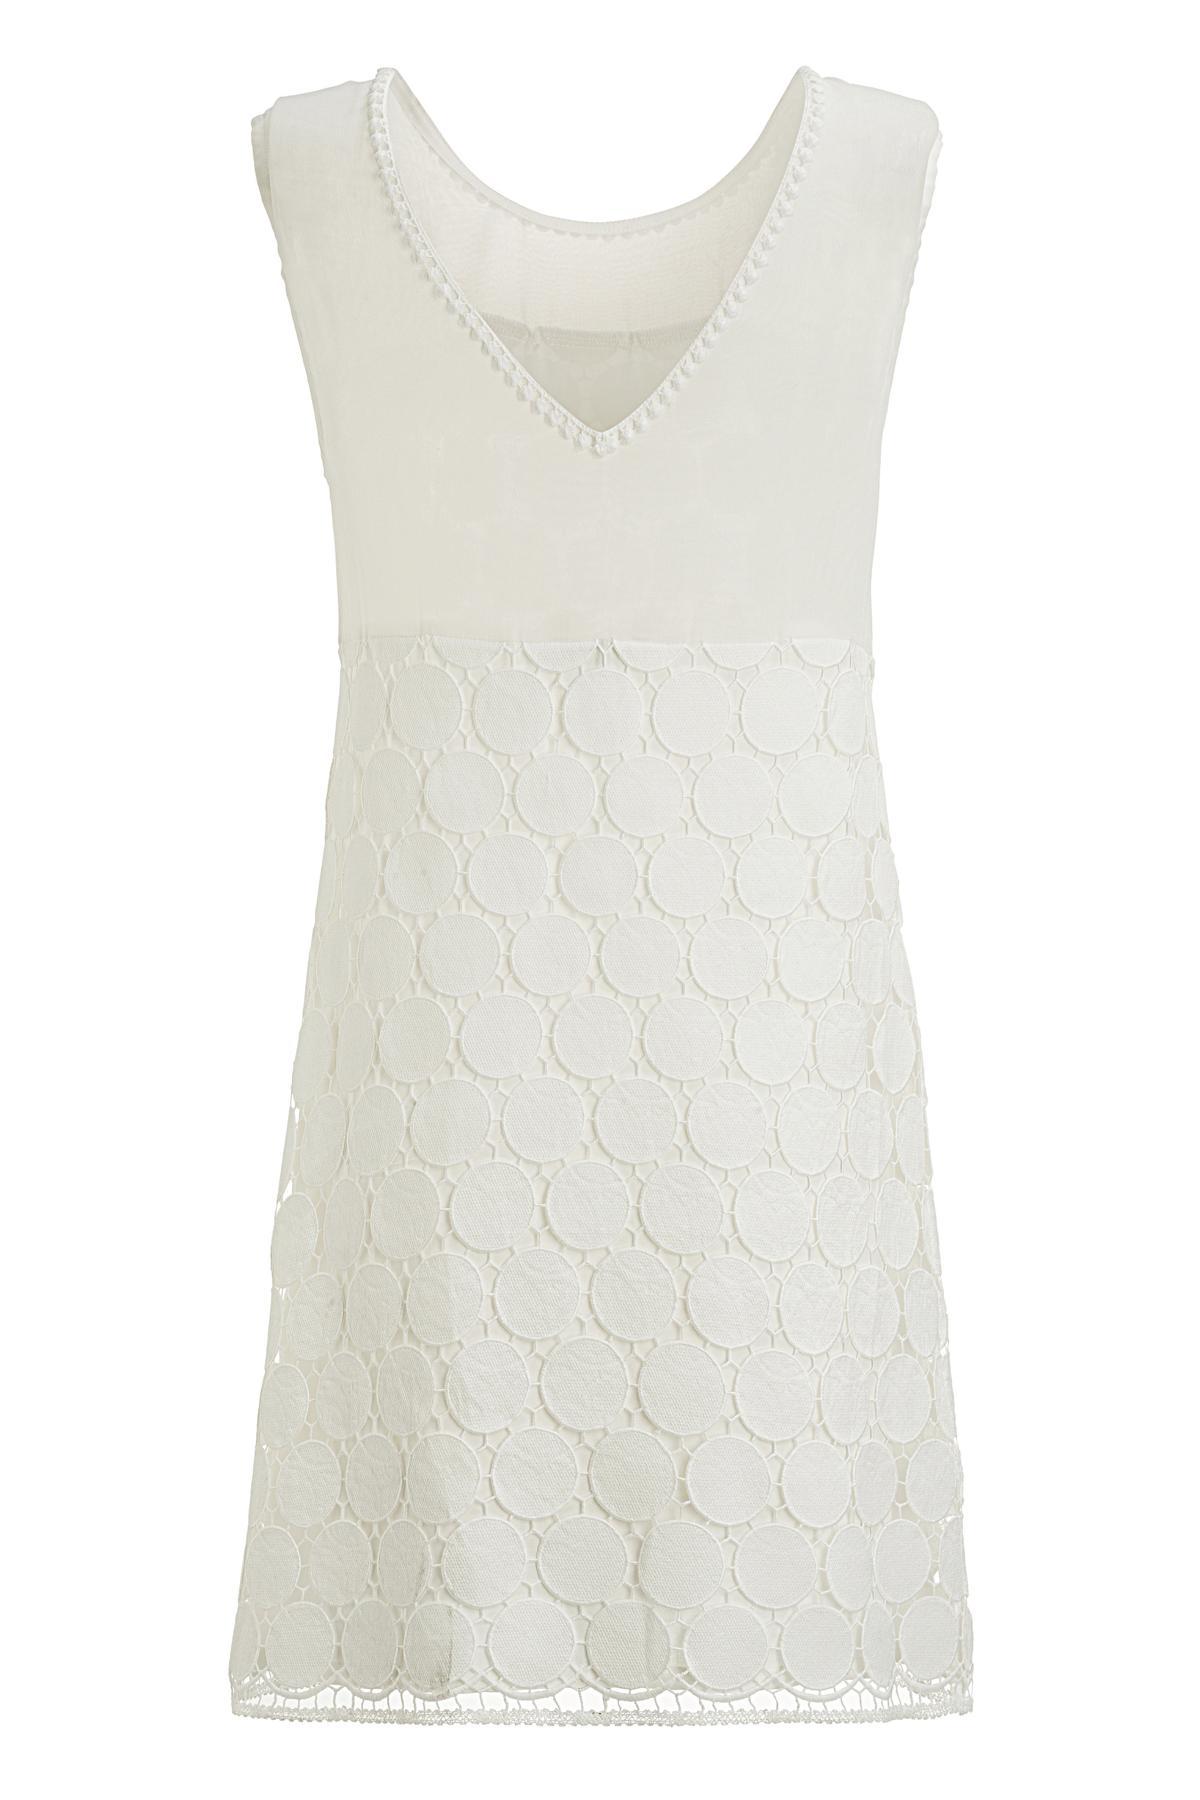 Rückansicht von Ana Alcazar A-Linien Kleid Maiveas